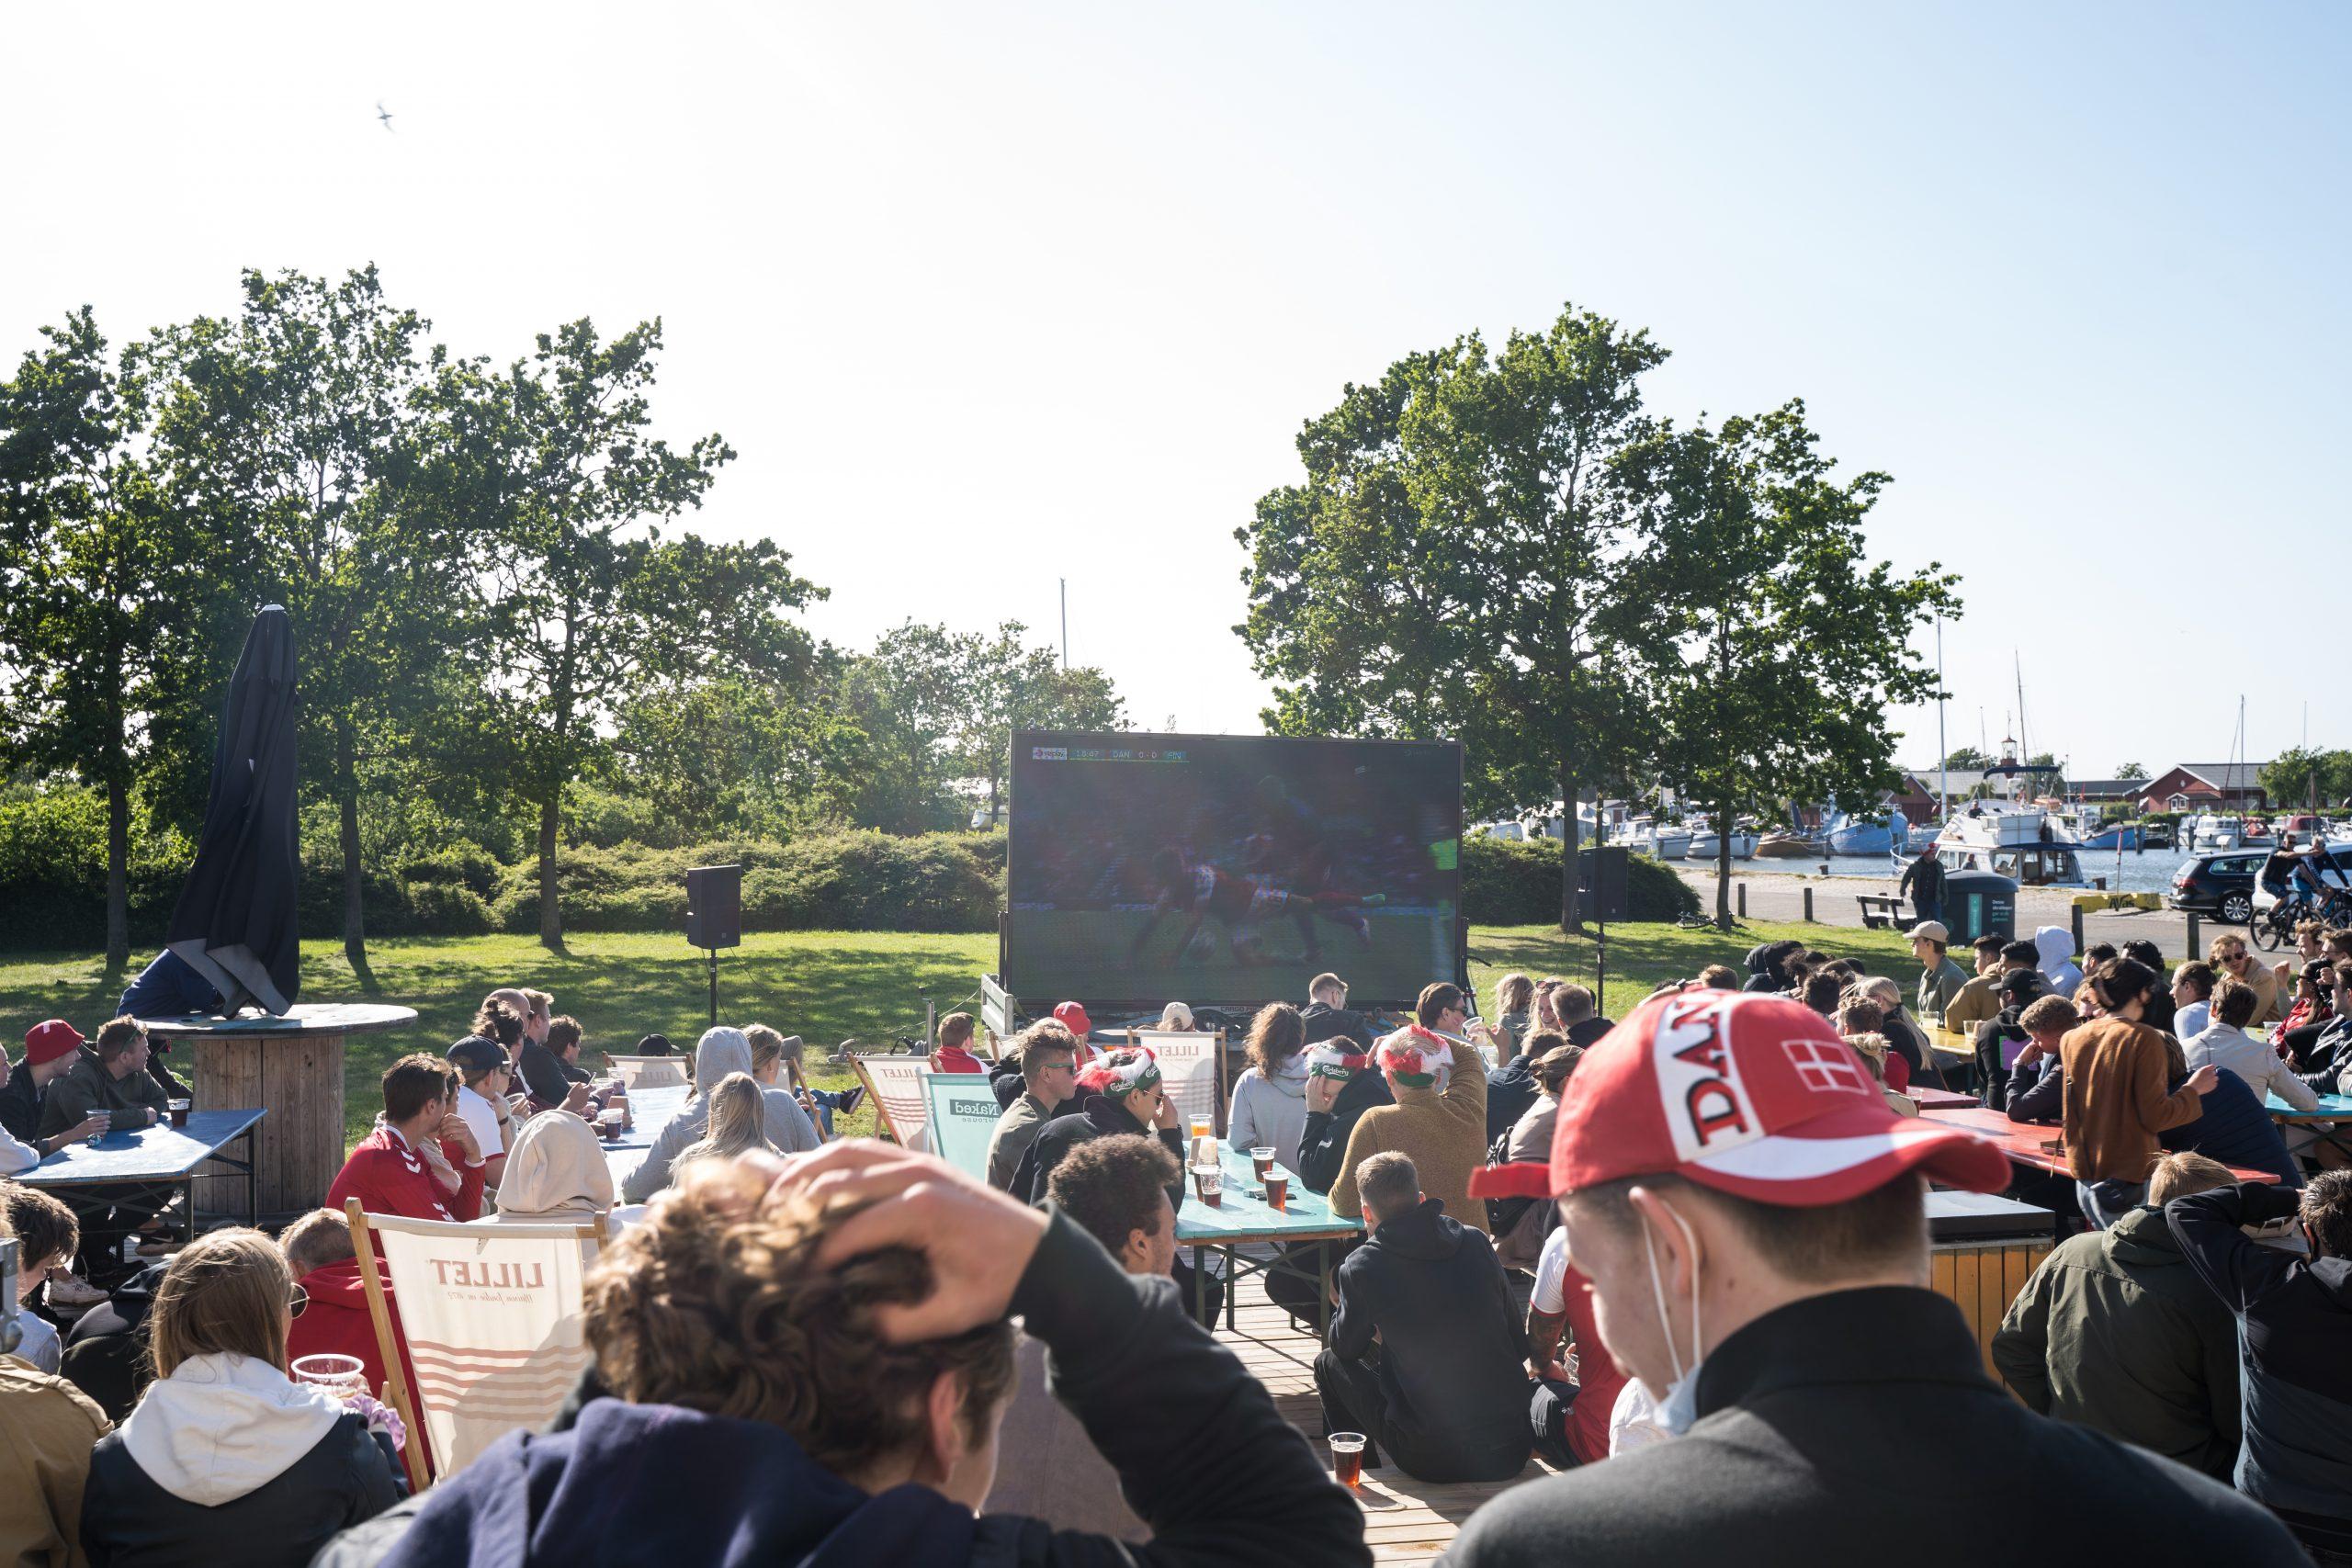 Kæmpe rød-hvid fodboldfest: Her kan du se Danmarks EM-brag på storskærm